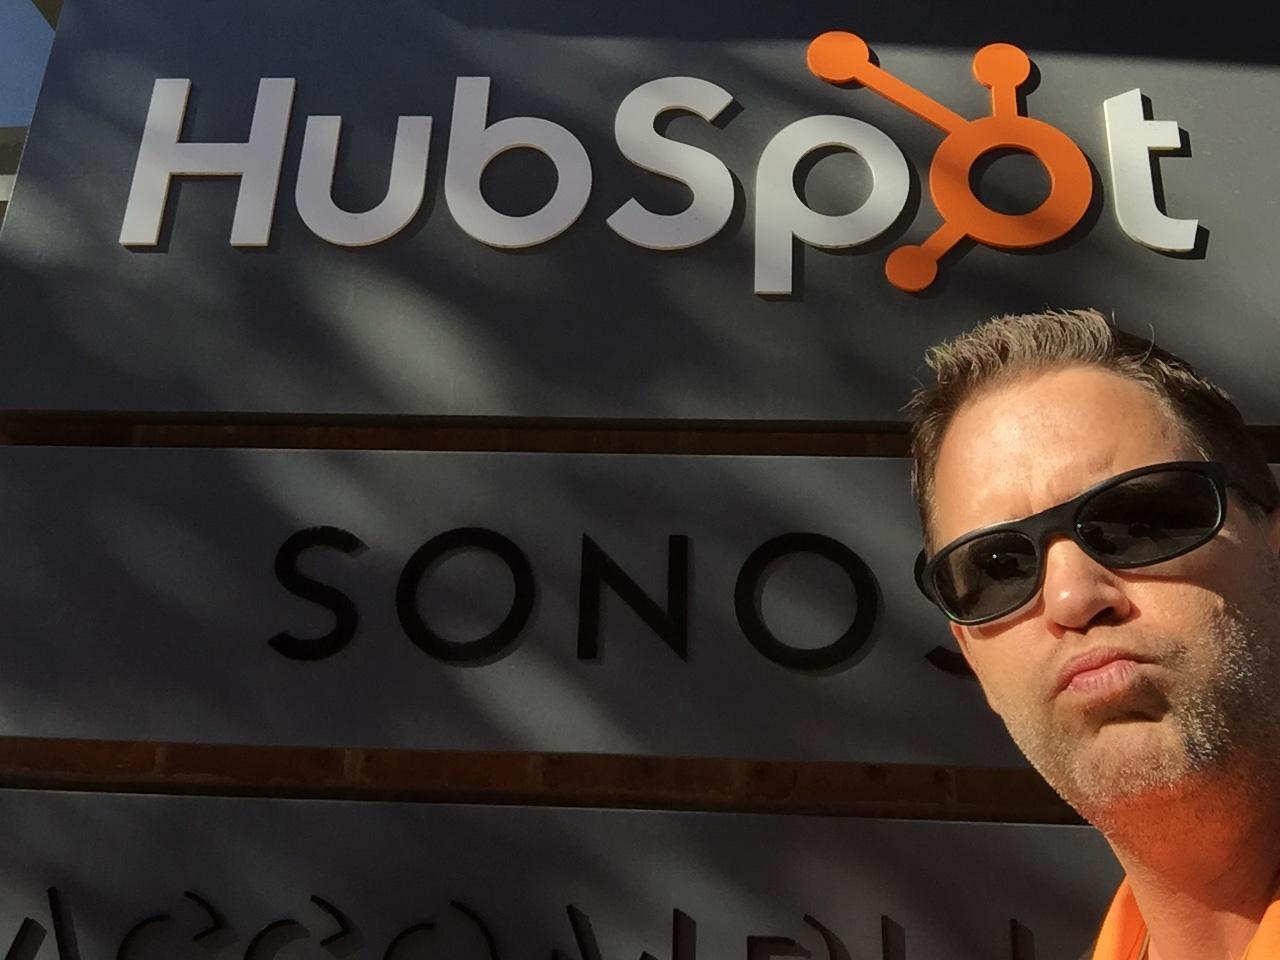 inbound_sales_wes_schaeffer_the_sales_whisperer_visits_hubspot_1.jpg